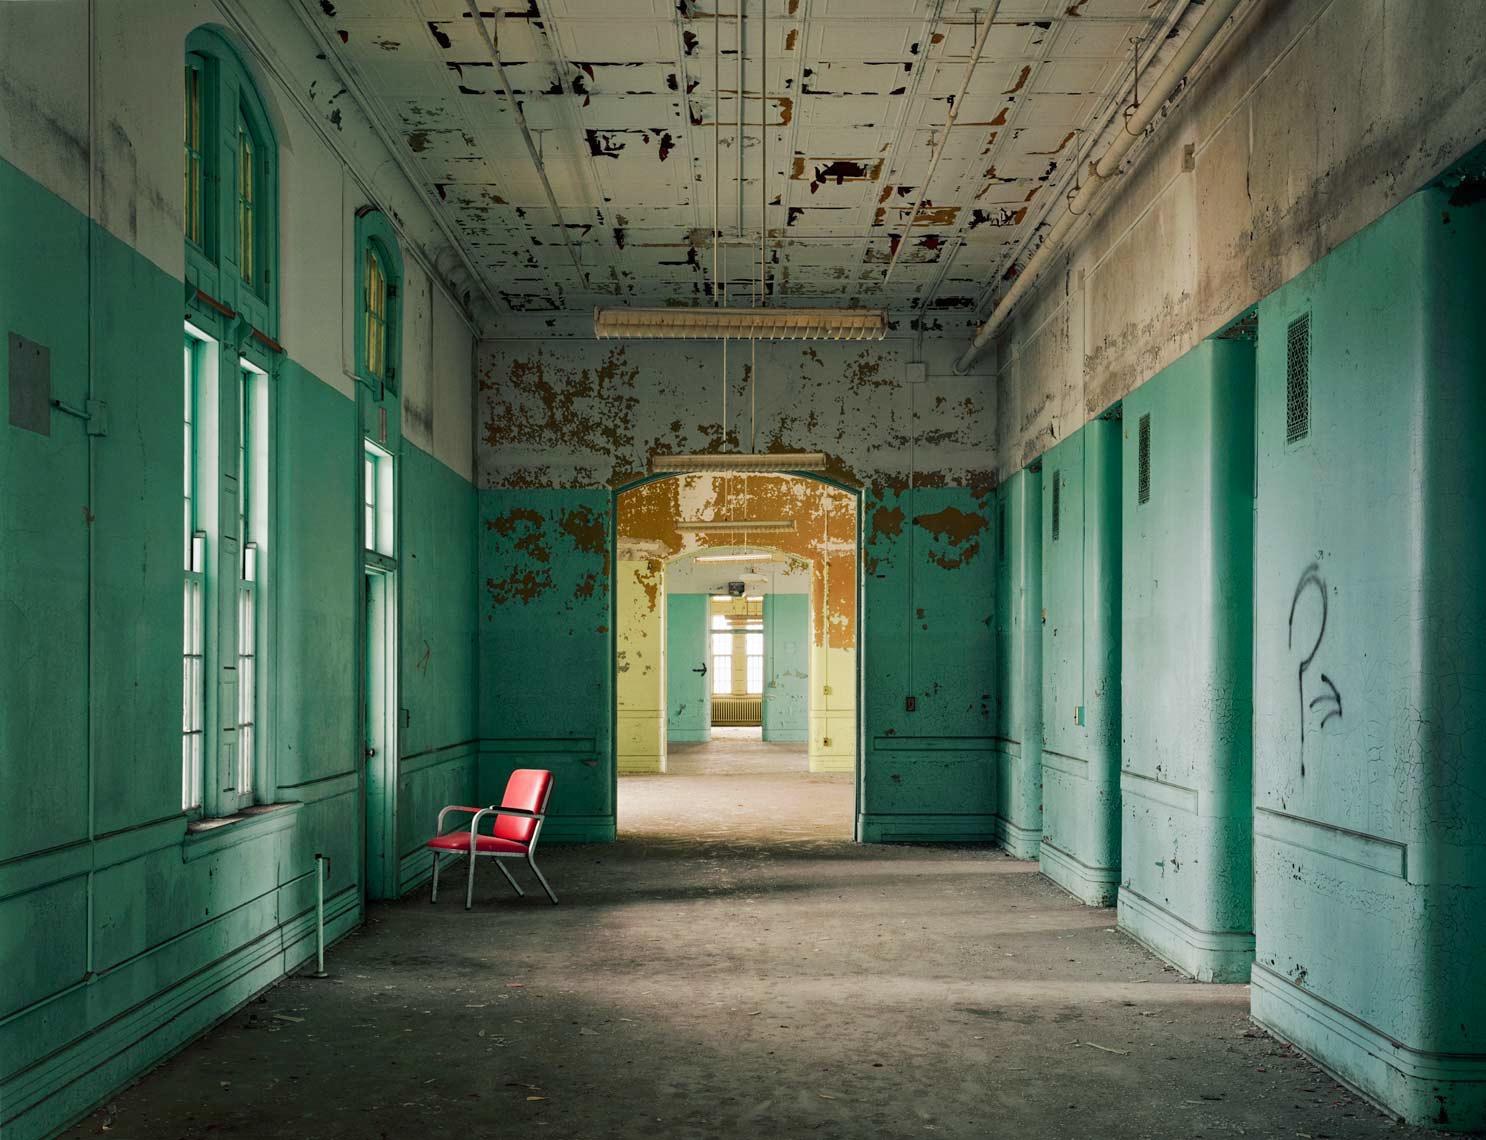 Asylum_005.jpg